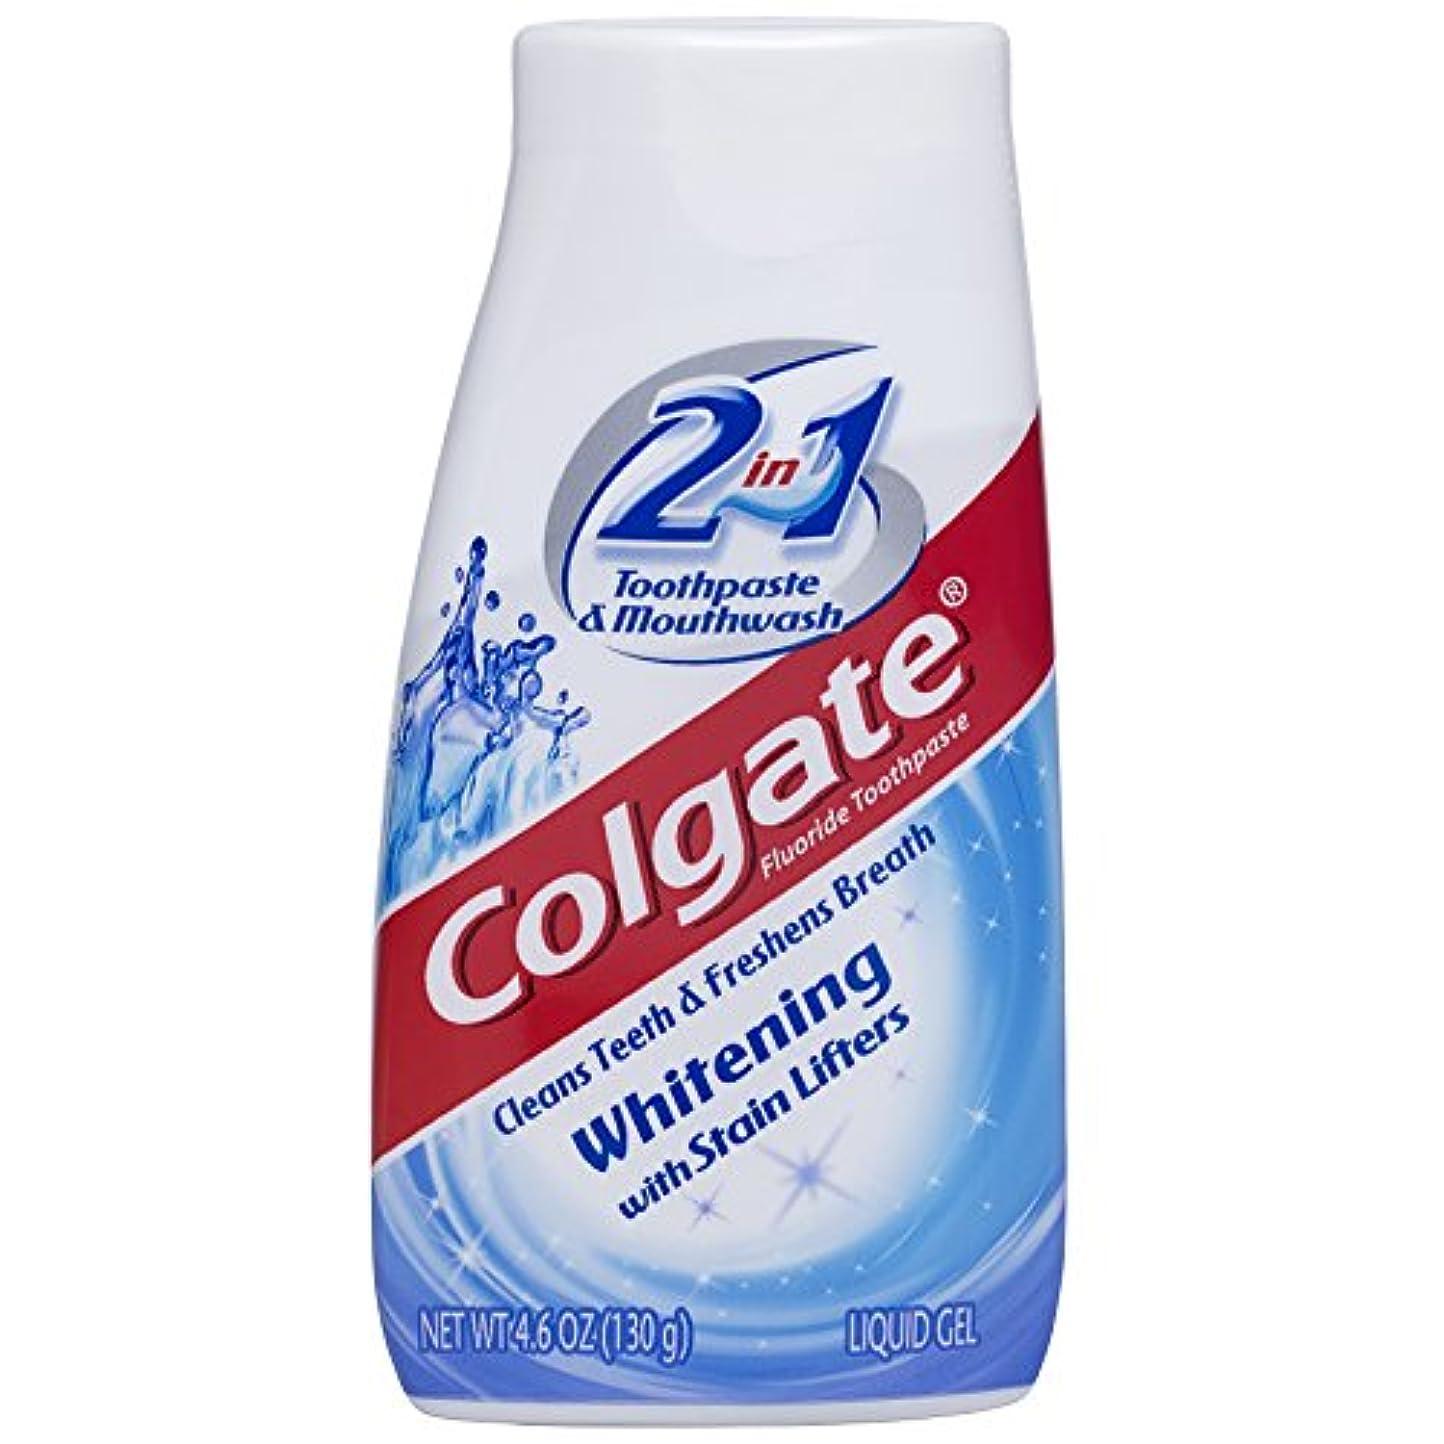 蓄積する軽く怒り海外直送品Colgate 2 In 1 Toothpaste & Mouthwash Whitening, 4.6 oz by Colgate